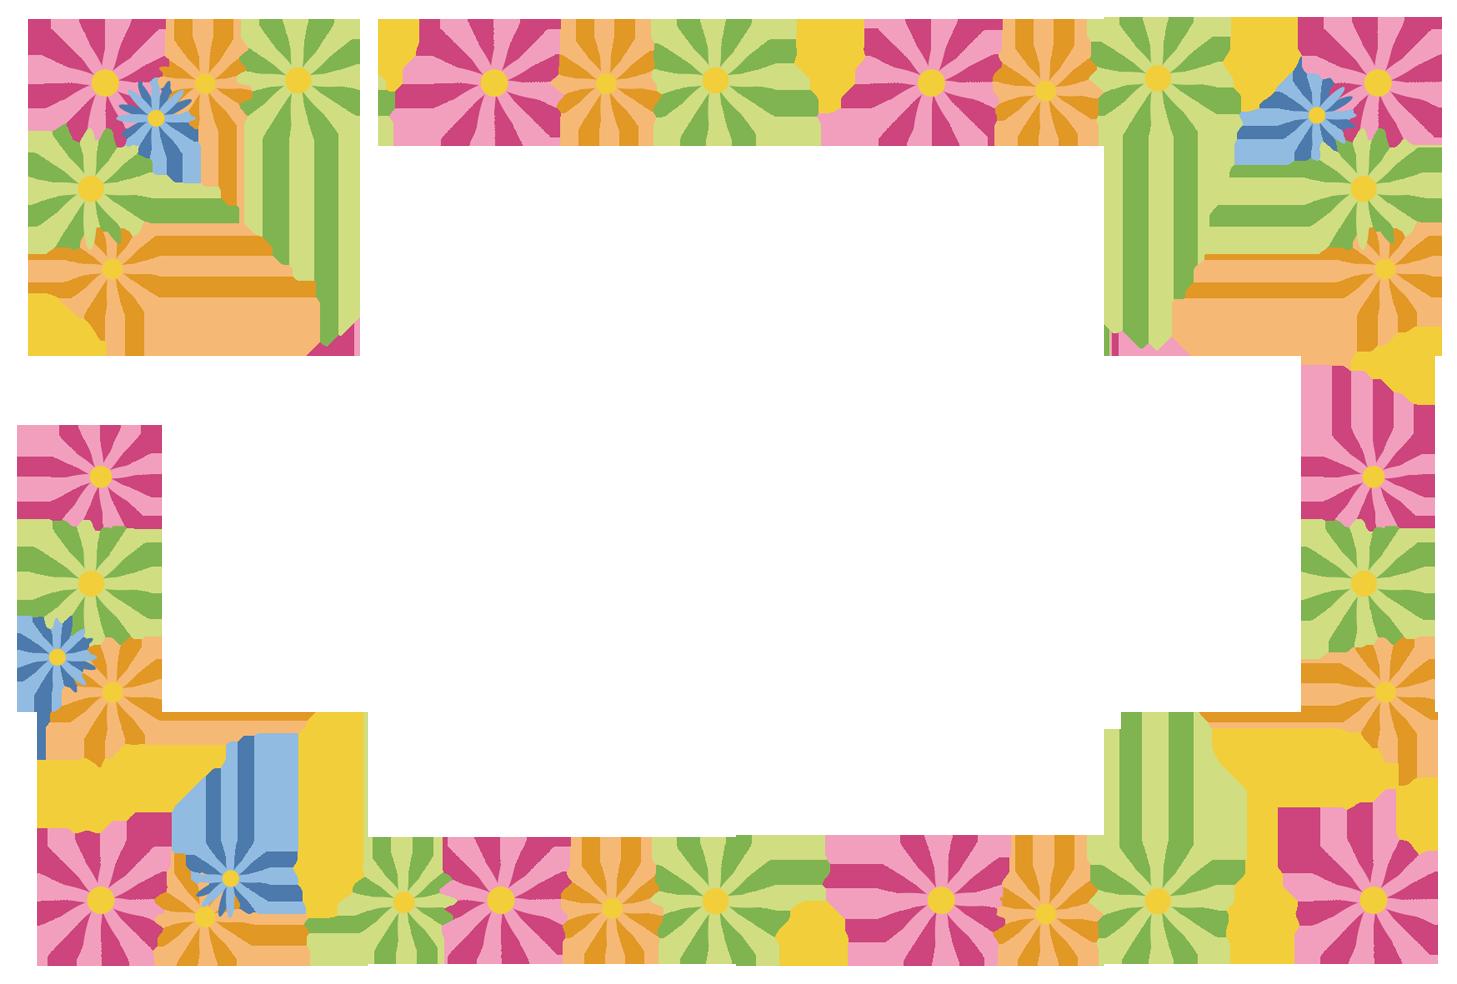 Clipart flowers border line. Flower design group httpwwwillustaicomdatas